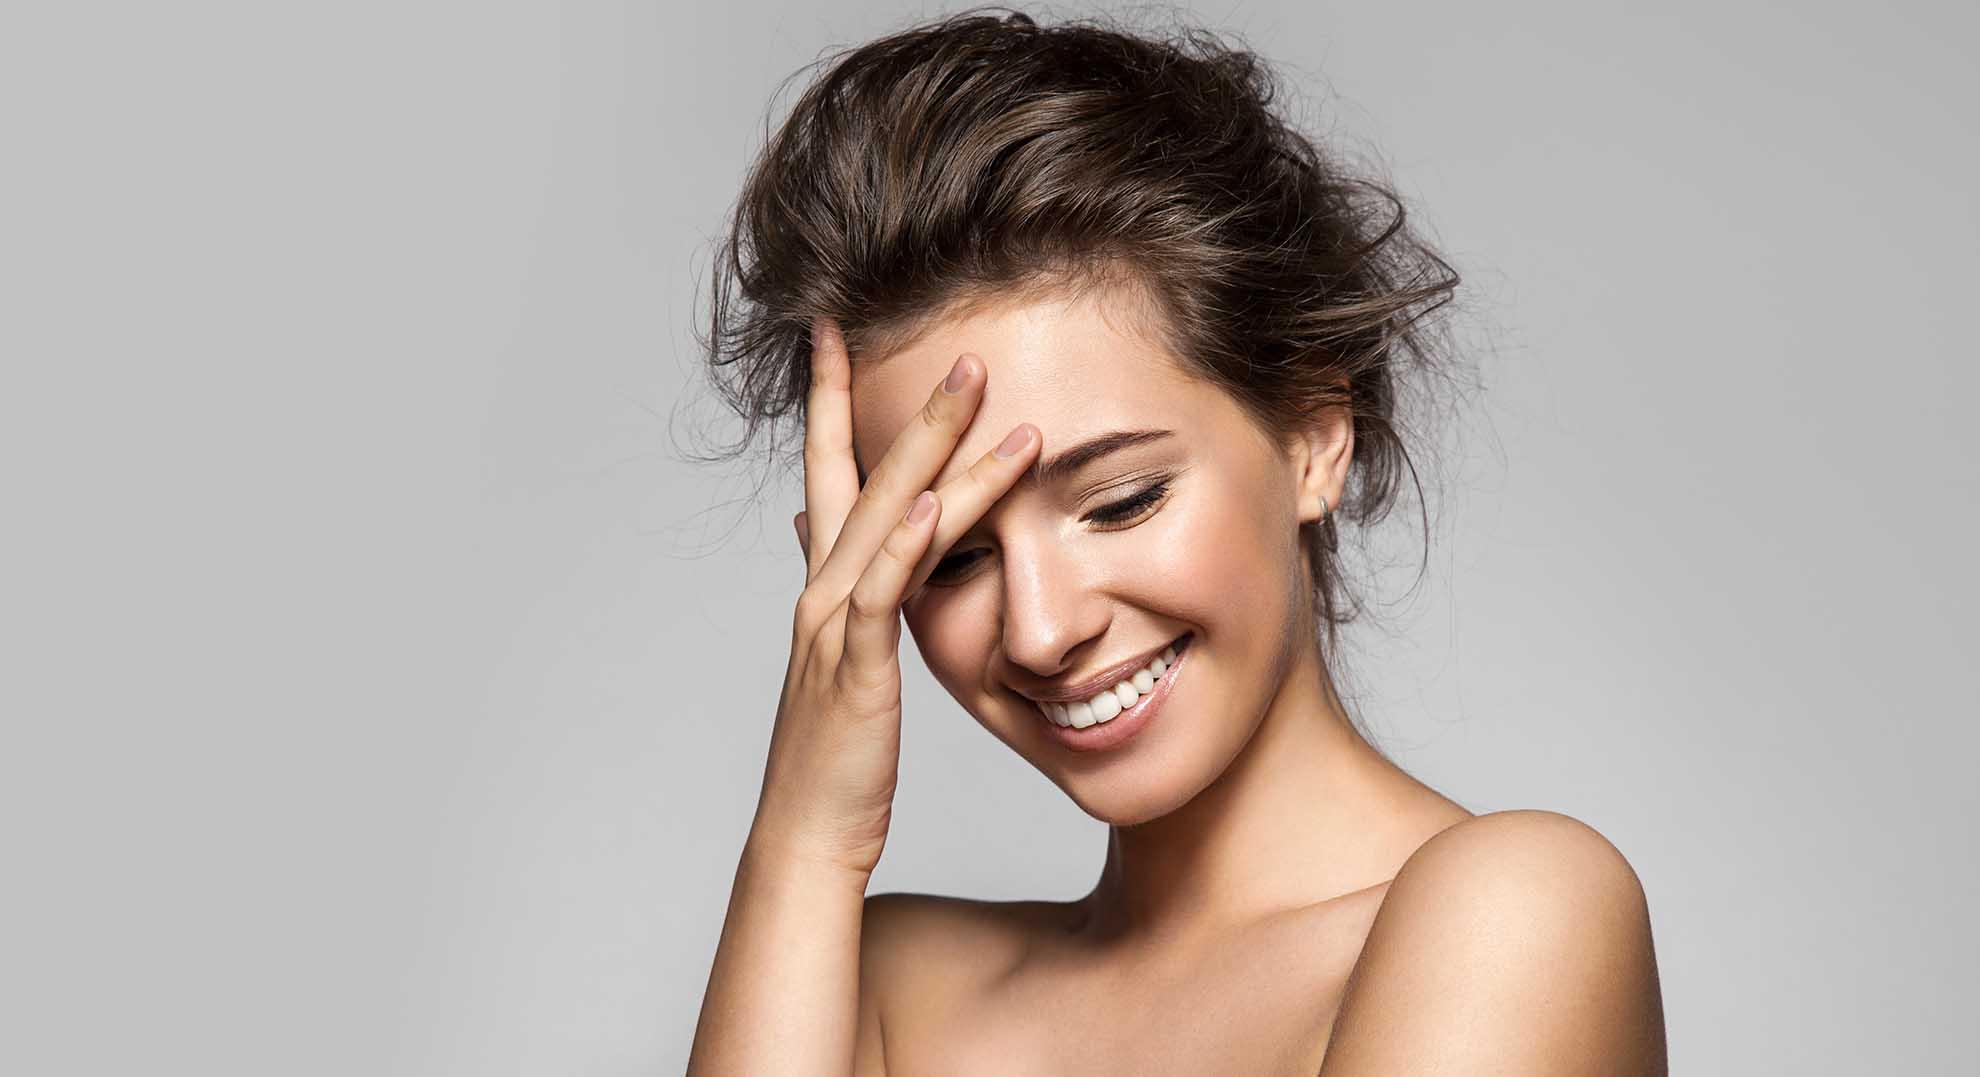 Gesunder Darm - gesunde Haut: Unsere Haut spiegelt den Zustand der Darmschleimhaut wider, denn Hektik und hastiges Essen schlagen auf den Magen.